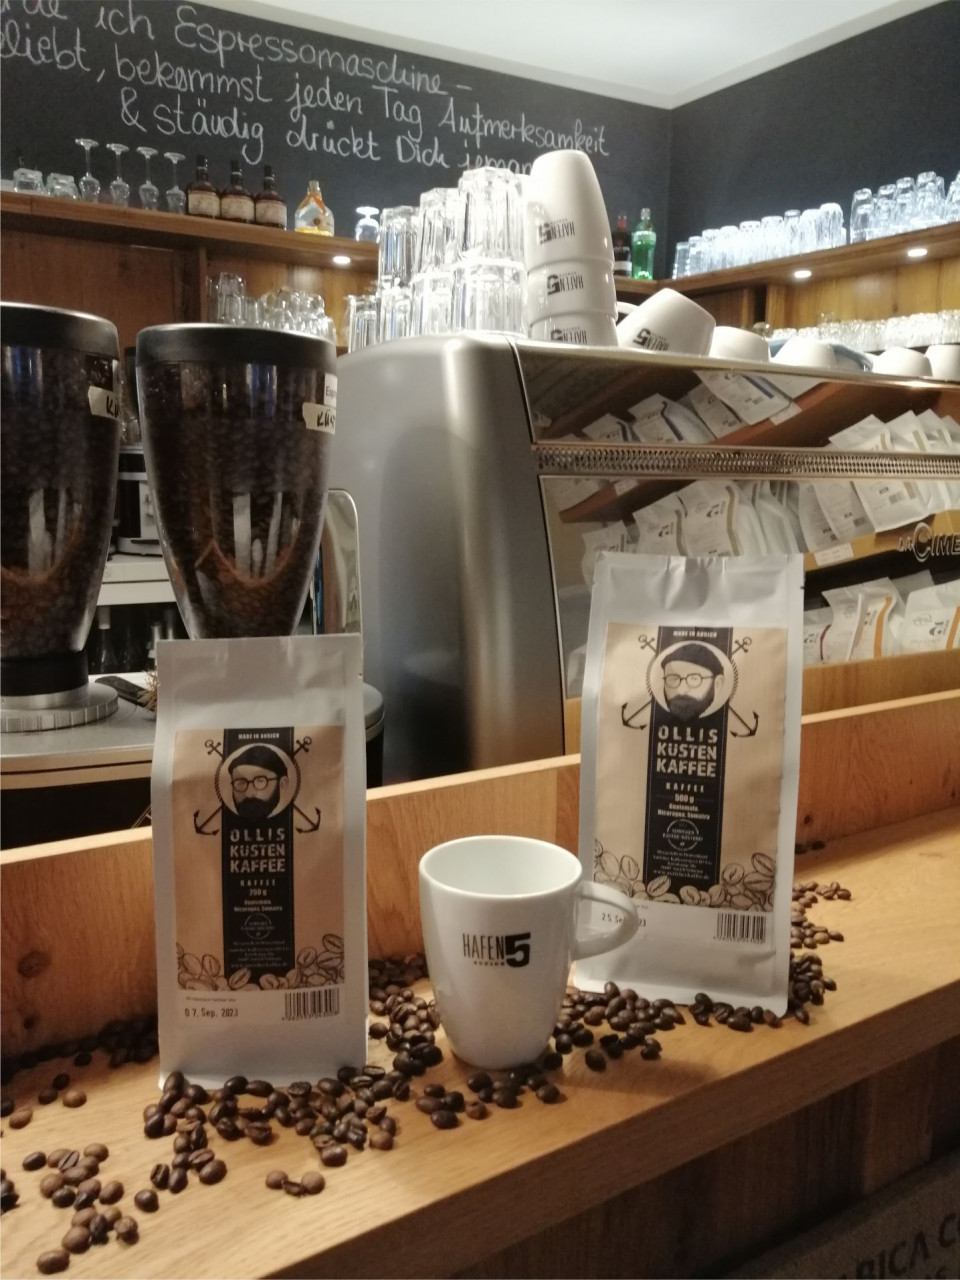 Ollis-Kaffeejpg